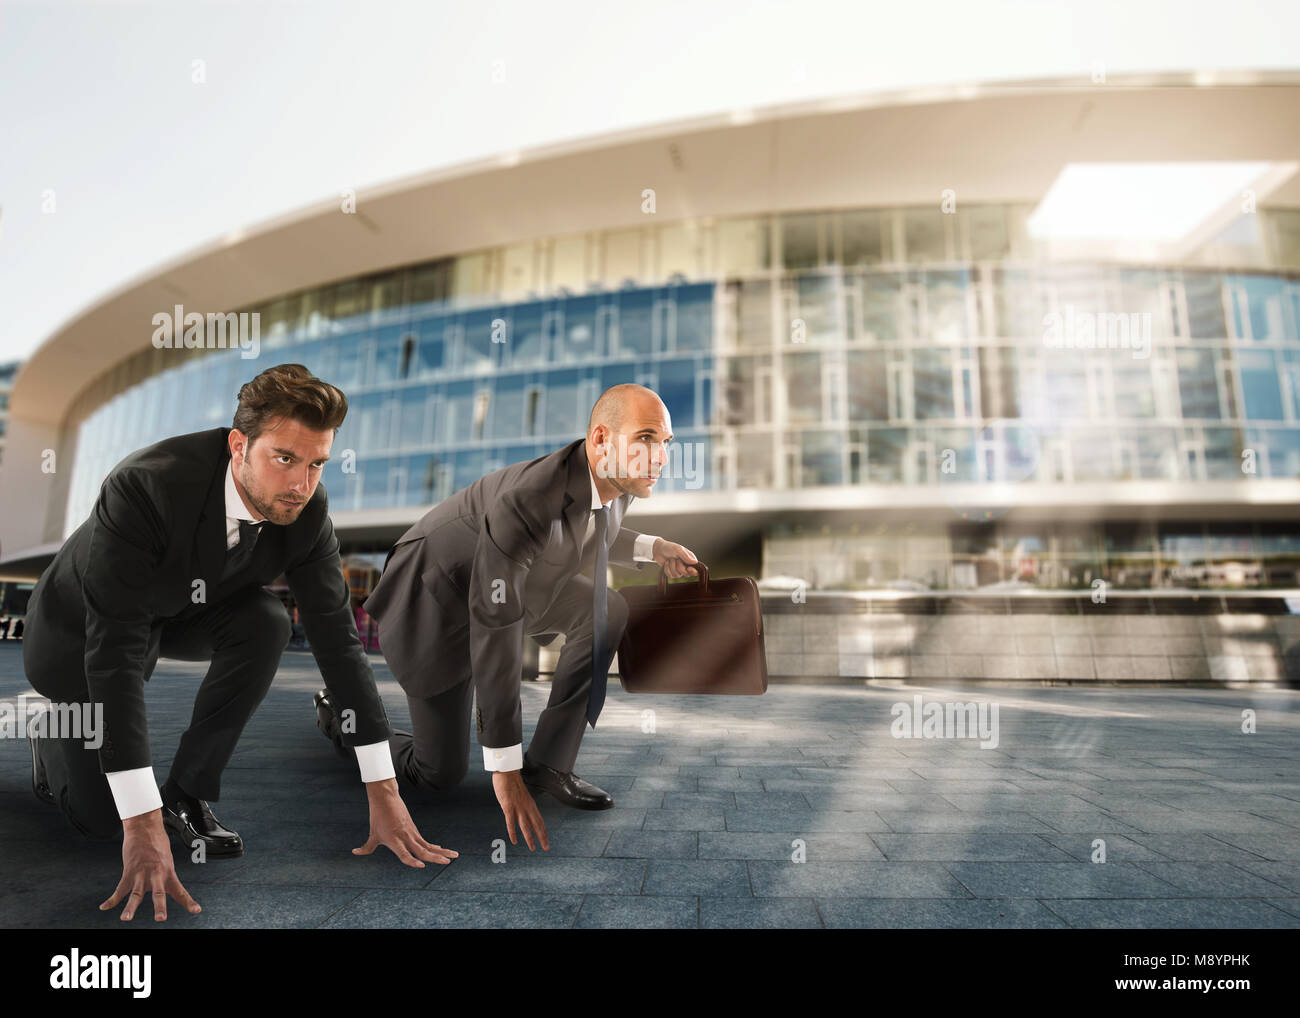 Les hommes d'affaires prêt à démarrer. La concurrence et du concept d'entreprise en difficulté Photo Stock